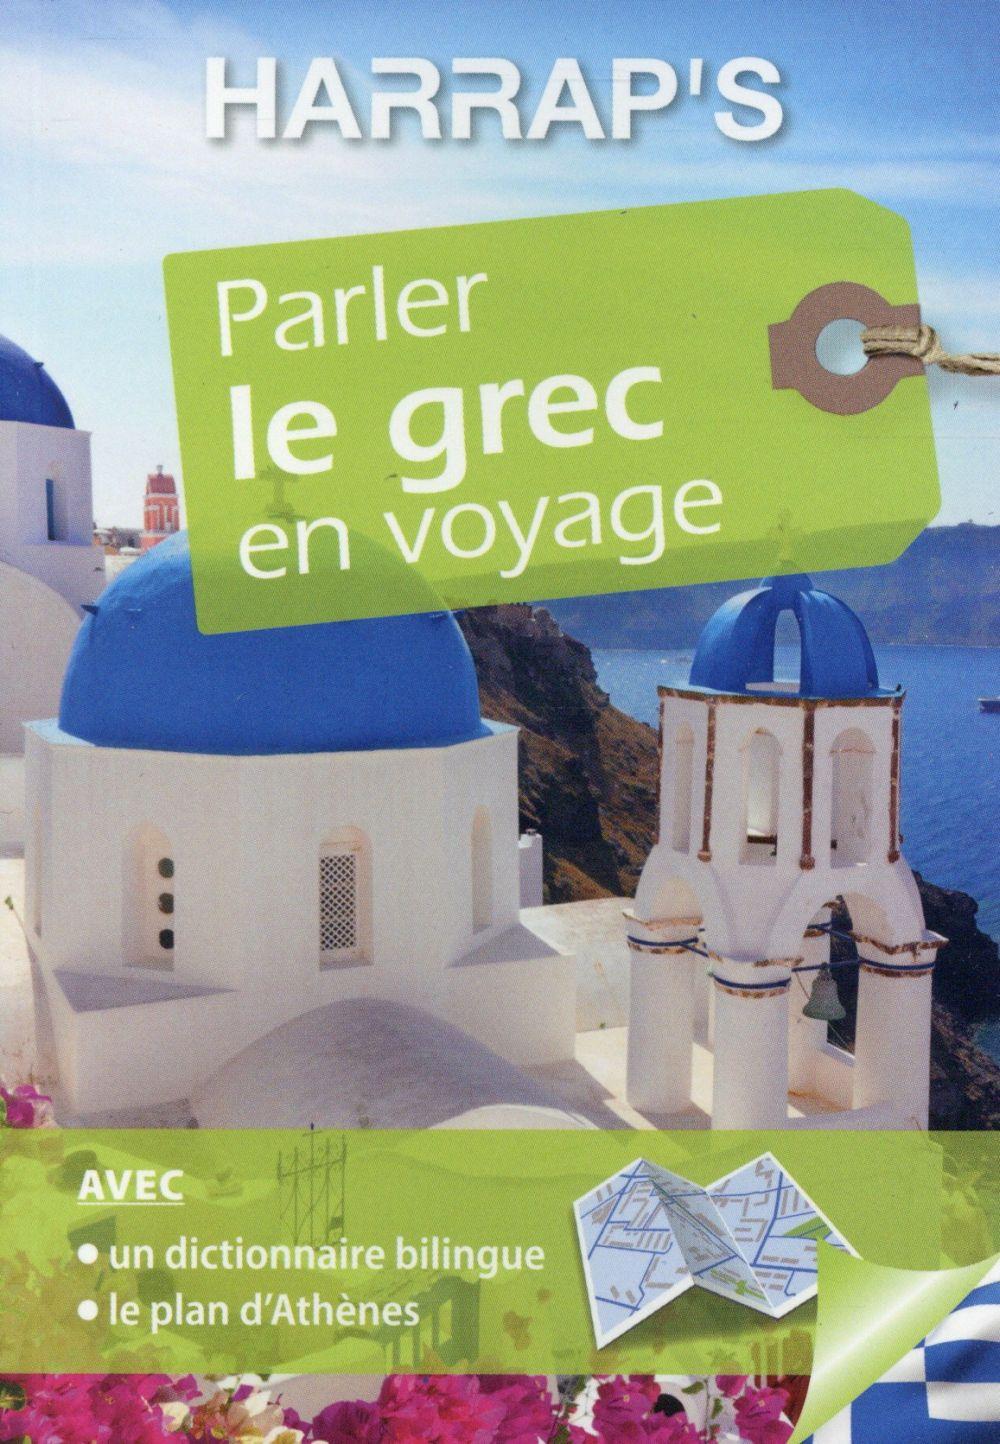 PARLER LE GREC EN VOYAGE XXX Harrap 's